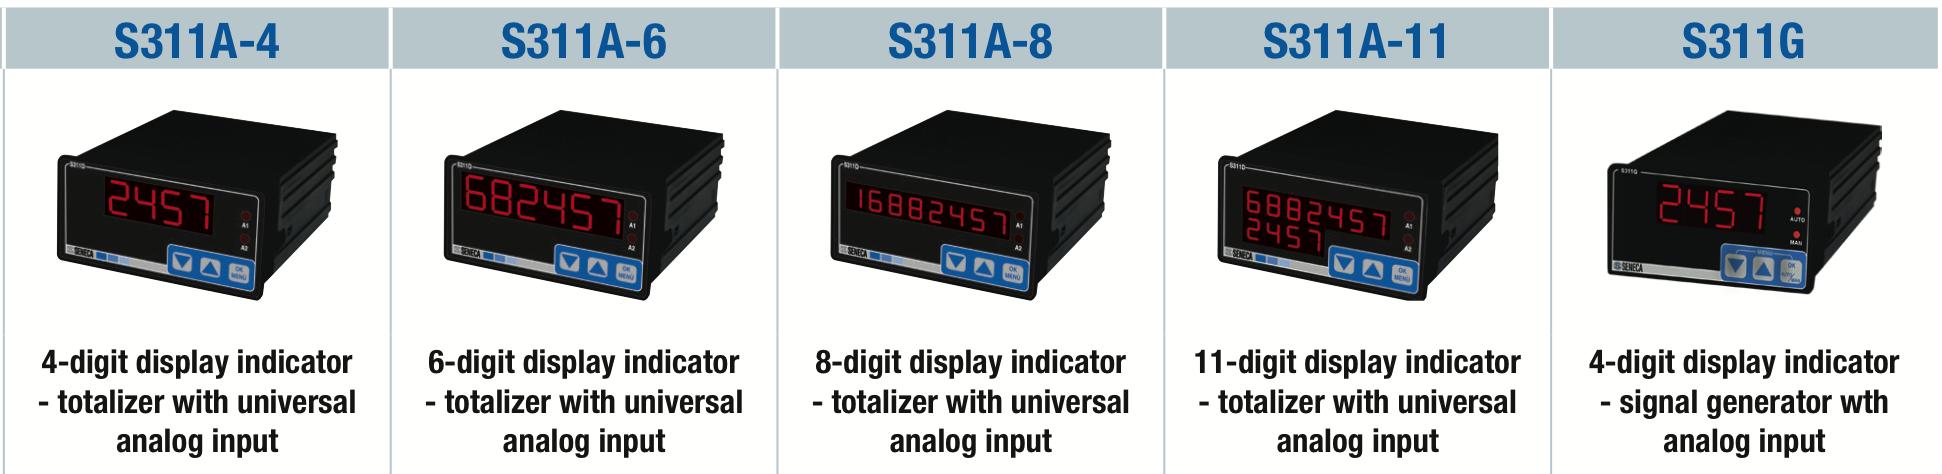 bộ hiển thị đa năng Seneca S311A